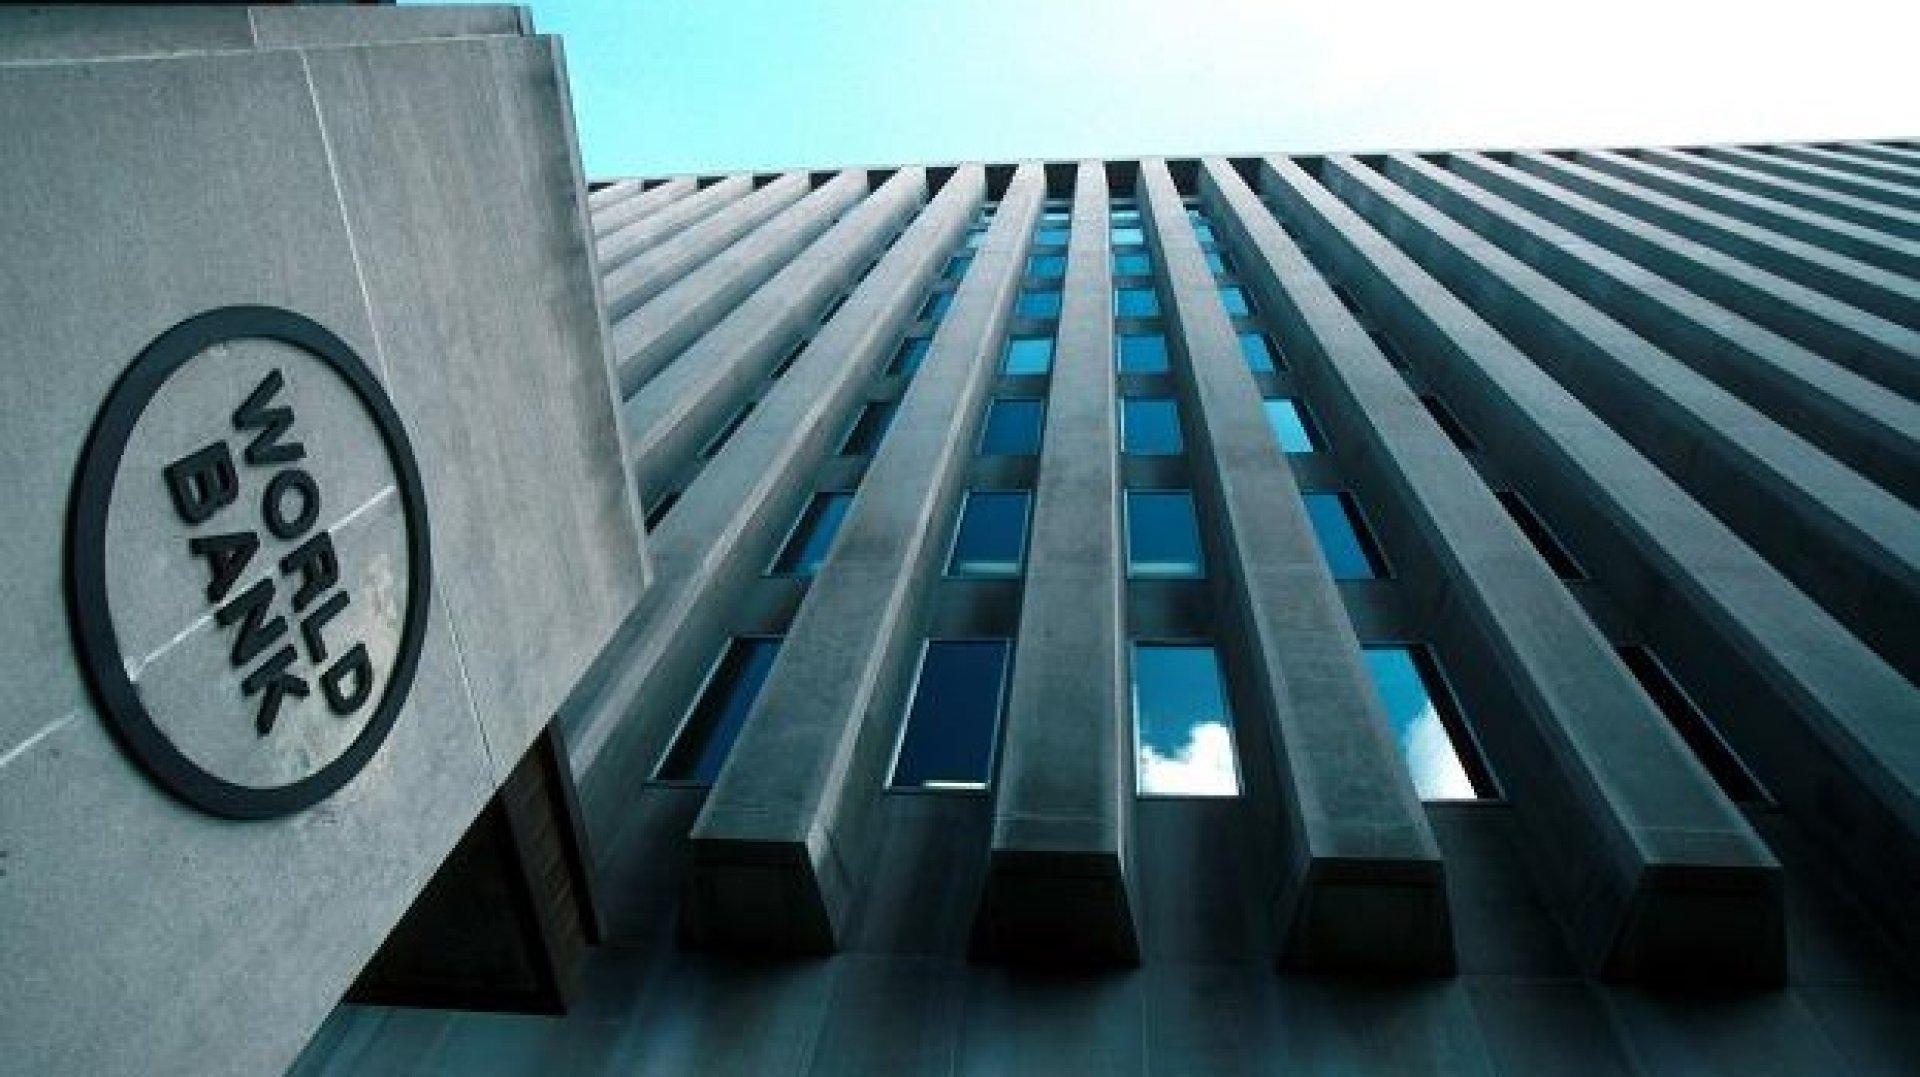 البنك الدولى يدعو لتشجيع القطاع الخاص لدعم التجارة بالشرق الأوسط وشمال أفريقيا